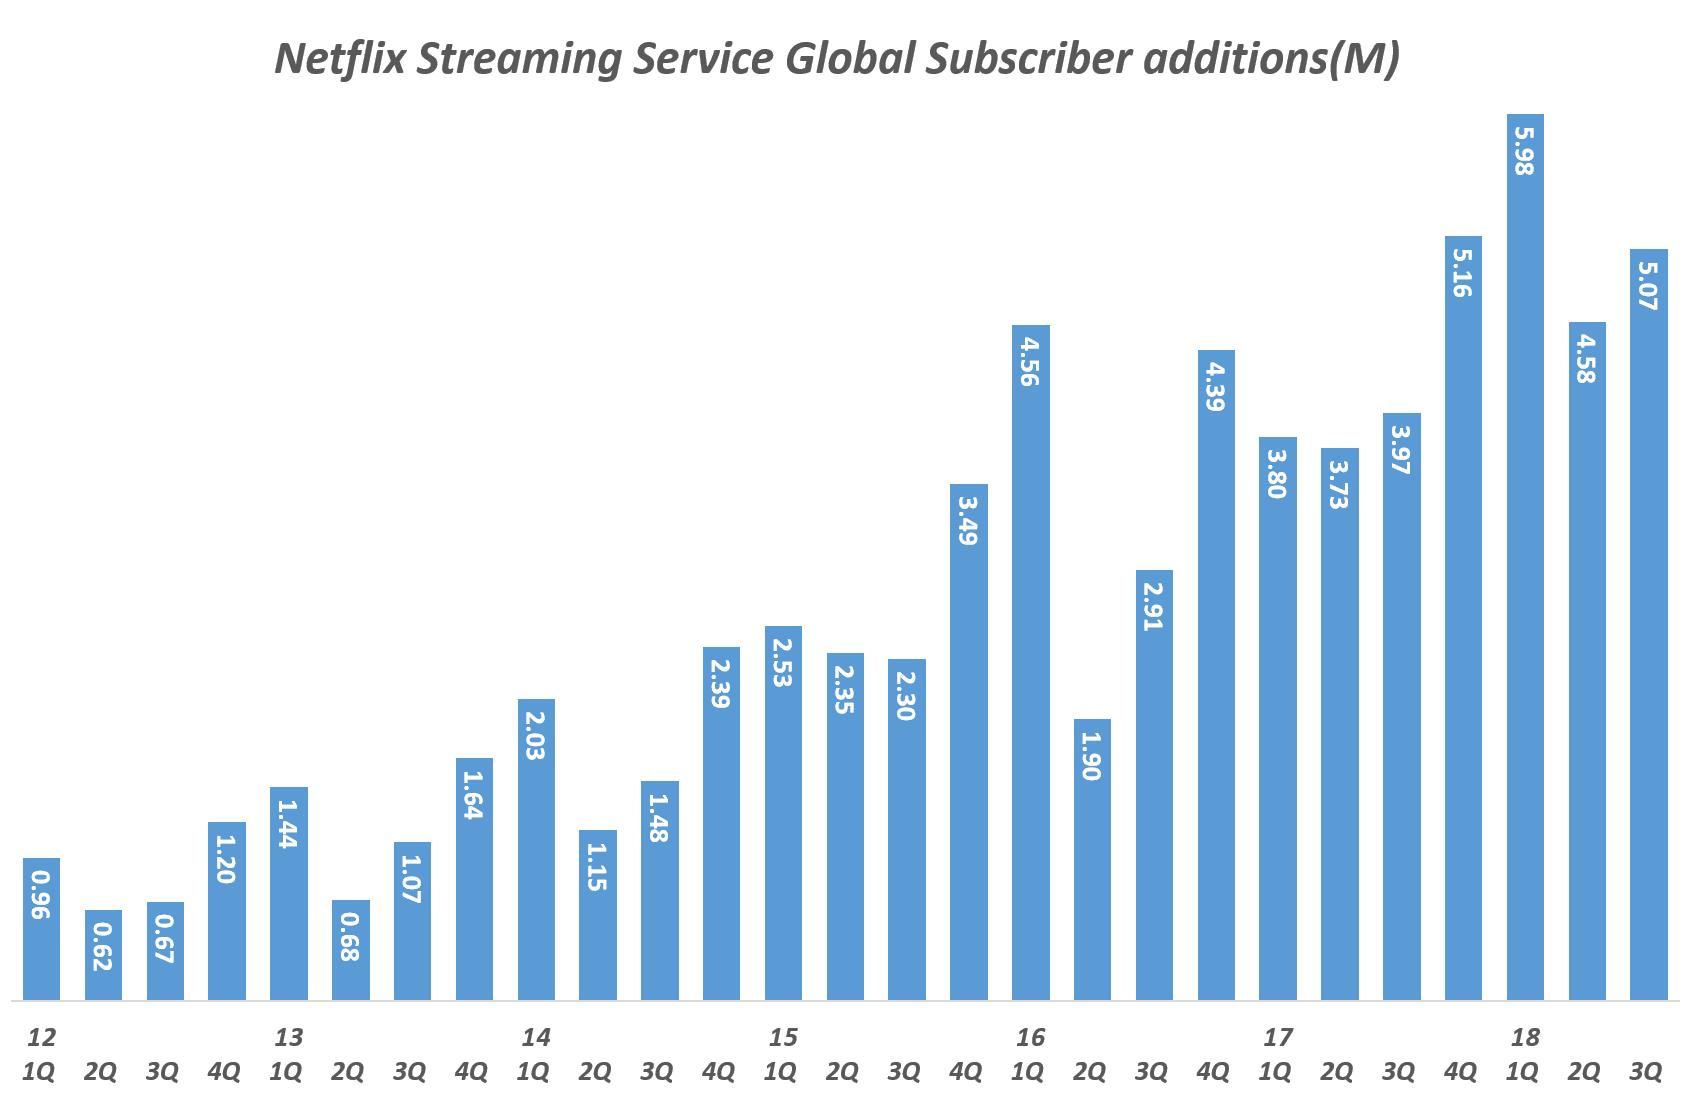 넷플릭스 분기별 스트리밍 서비스 글로벌 유료 구독자 증가 추이(Quarterly Netflix Streaming Service Global Subscriber additions(M), Graph by Happist